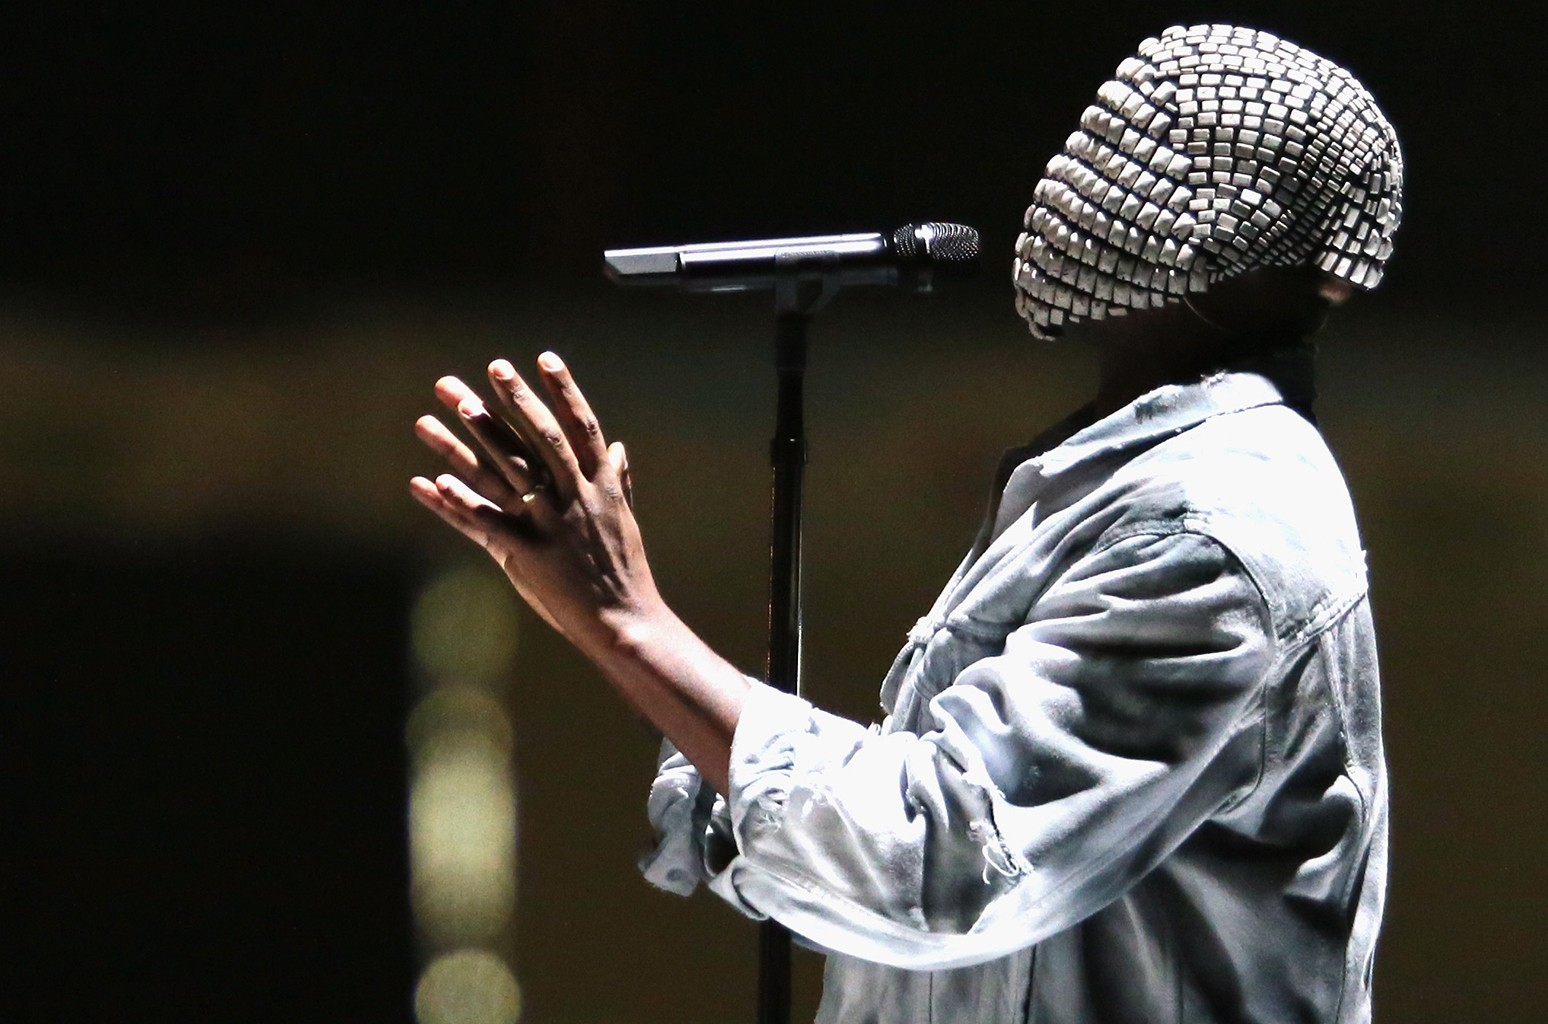 Imagem retangular com o fundo desfocado. Vemos, de perfil, Kanye West, um homem negro vestindo uma jaqueta jeans cinza e usando, no rosto, uma máscara cravejada por lantejoulas pratas, que cobre inteiramente seu rosto. Ele tem um microfone, preso por um pedestal, apontado para a sua boca, e suas mãos estão levantadas na altura de seu peito. Sua cabeça está ligeiramente levantada para cima, como se ele interpretasse uma música.